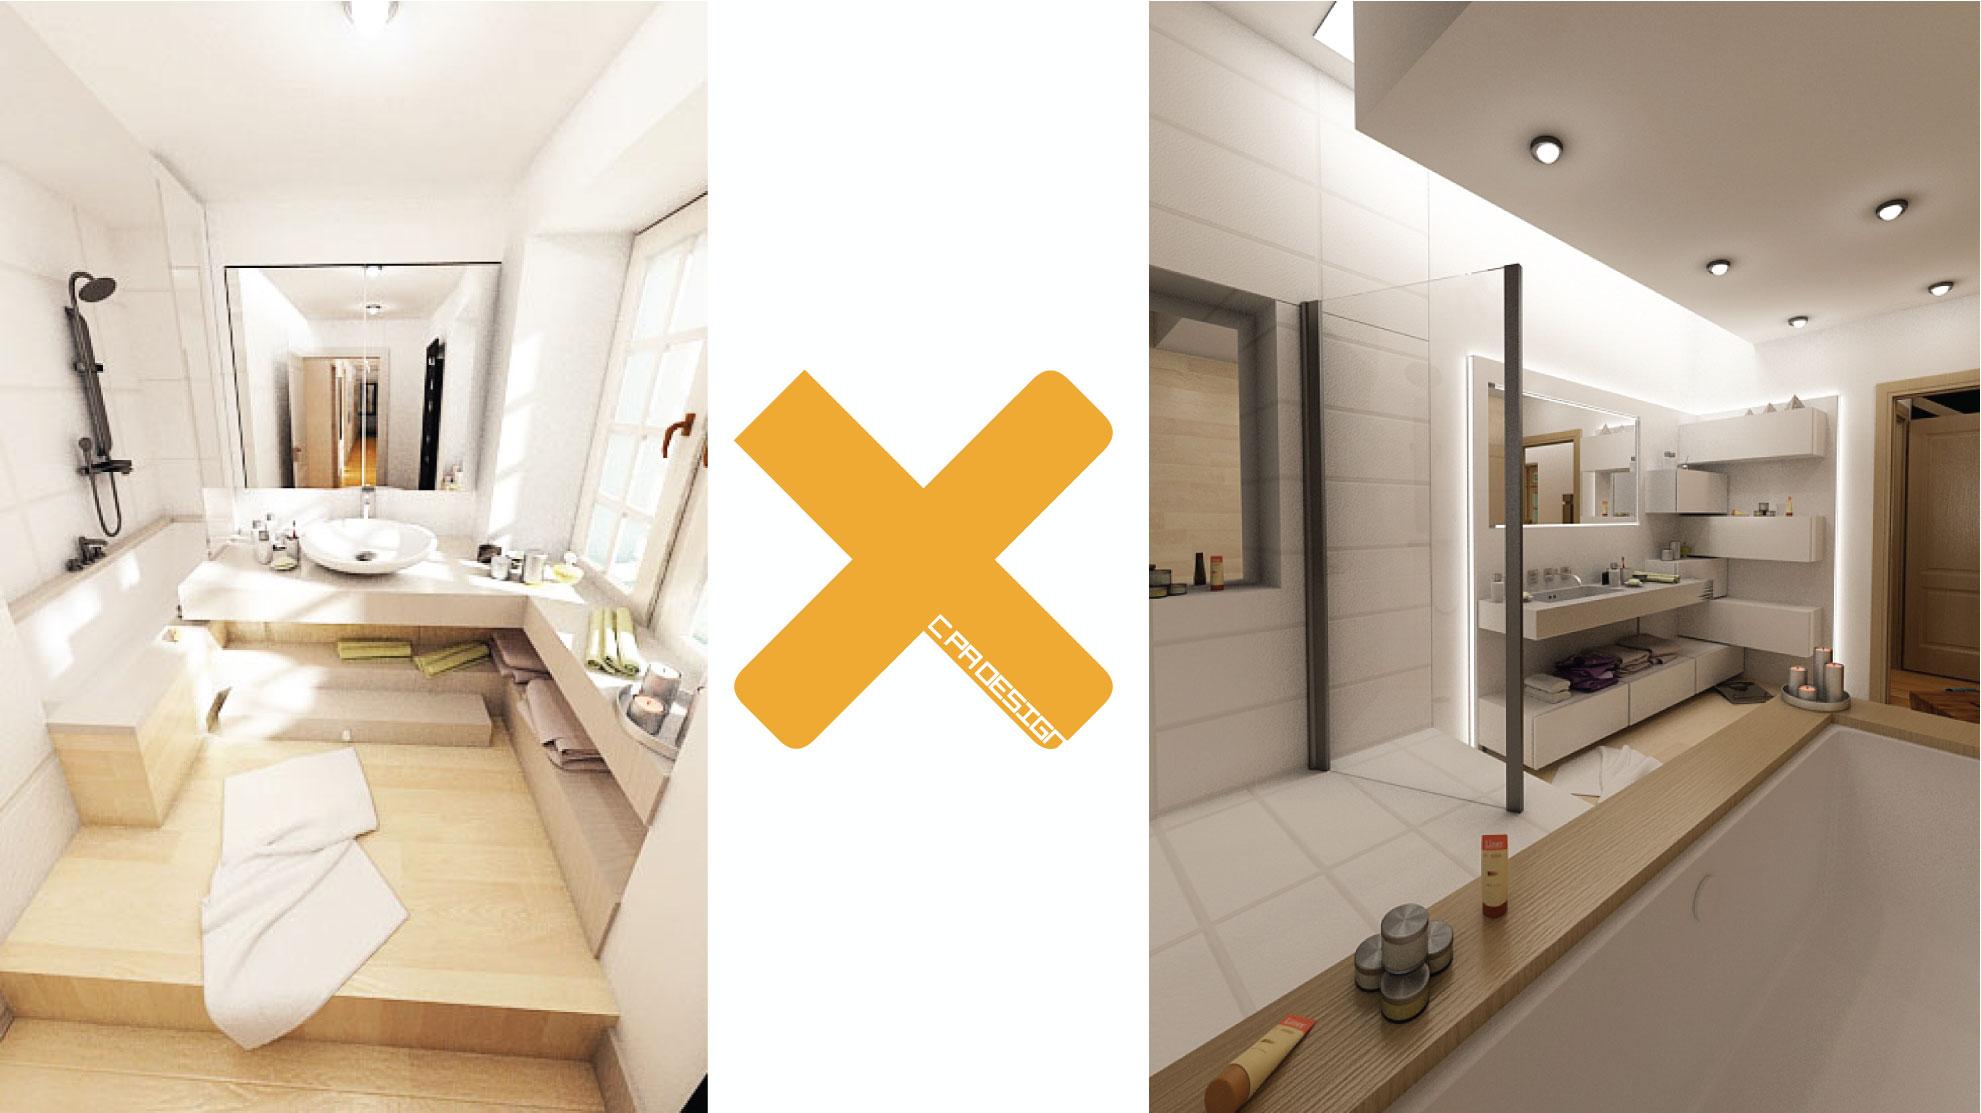 c_pa_design_produit_design_mobilier_realisation_architecture-interieure -3d-réaliste-deco-projet